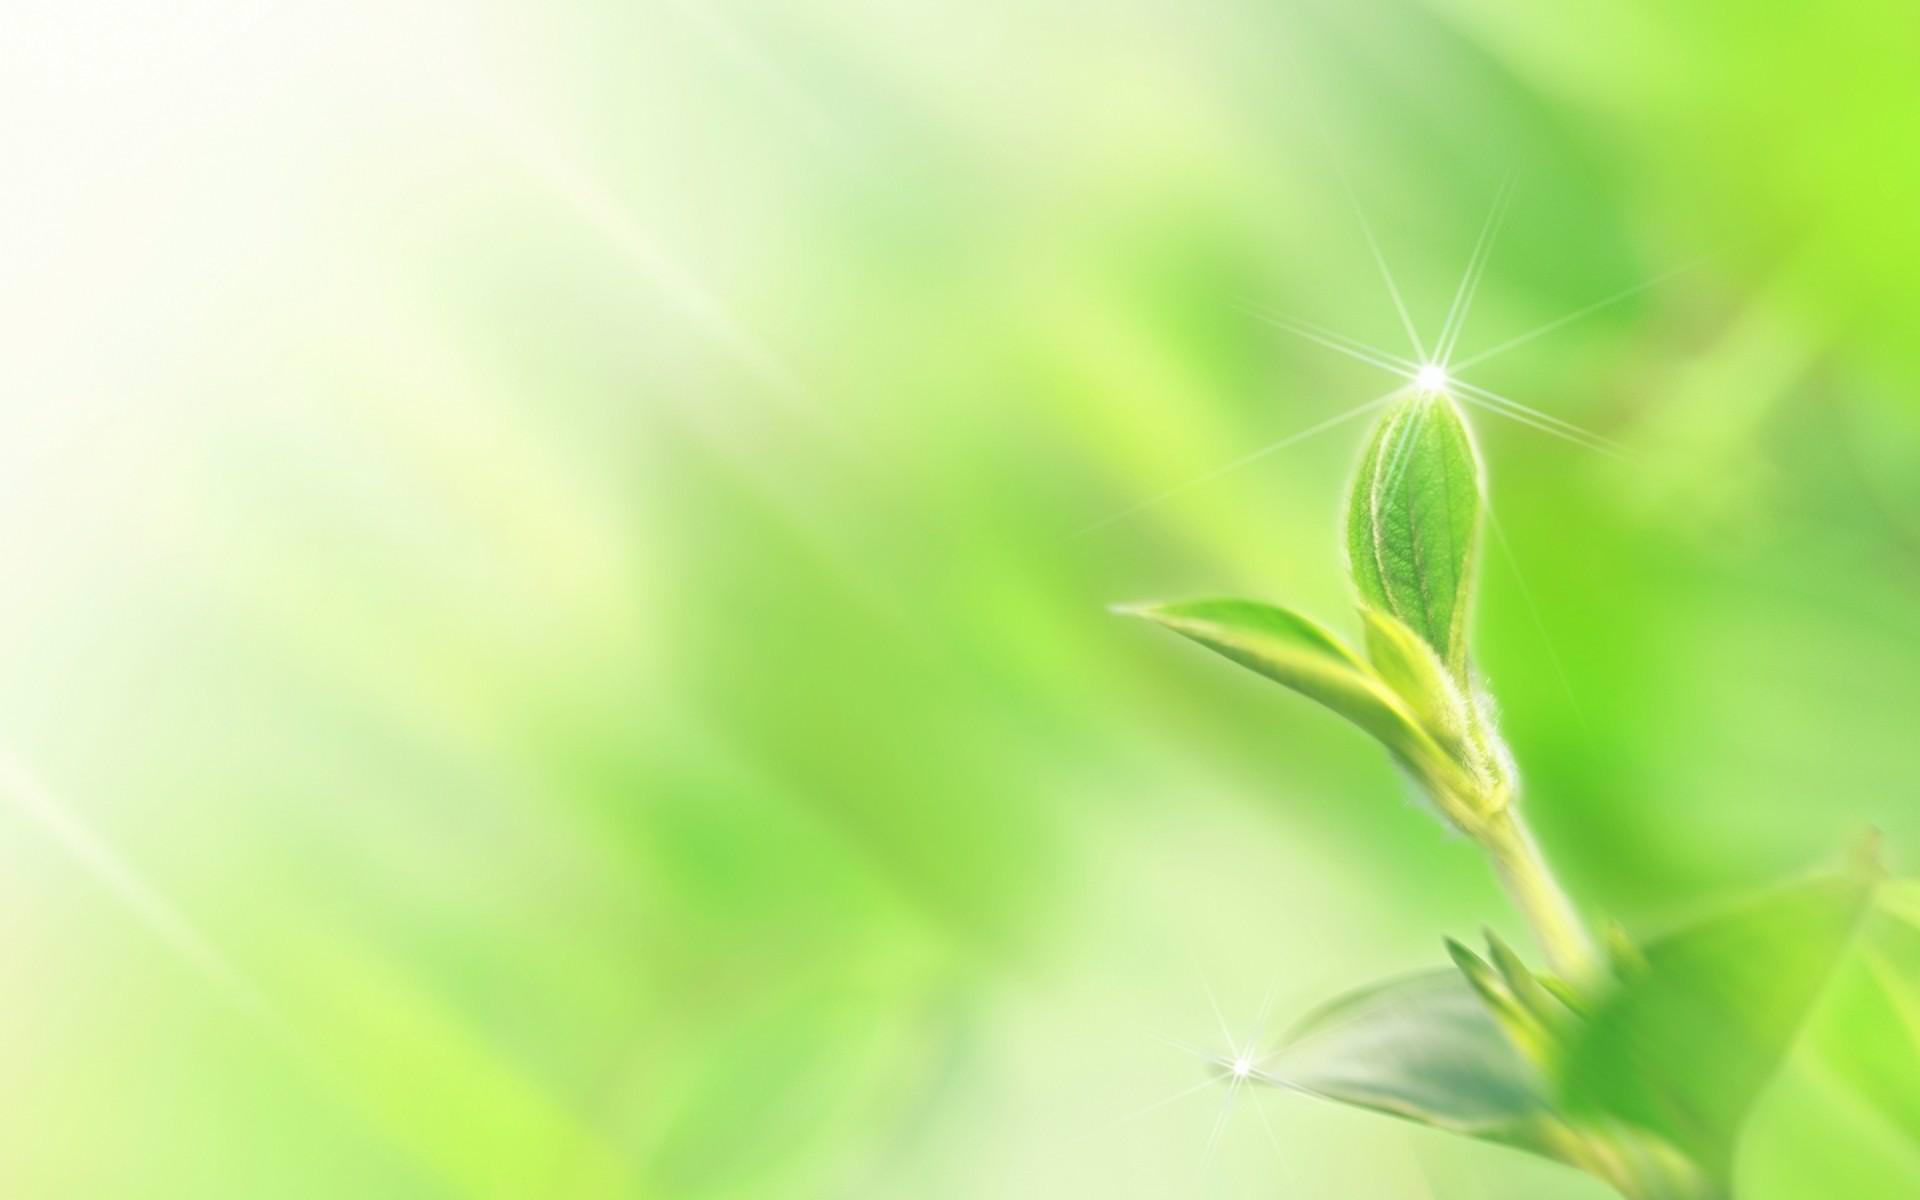 Backgroud Powerpoint thuyết trình đẹp - Mần cây xanh